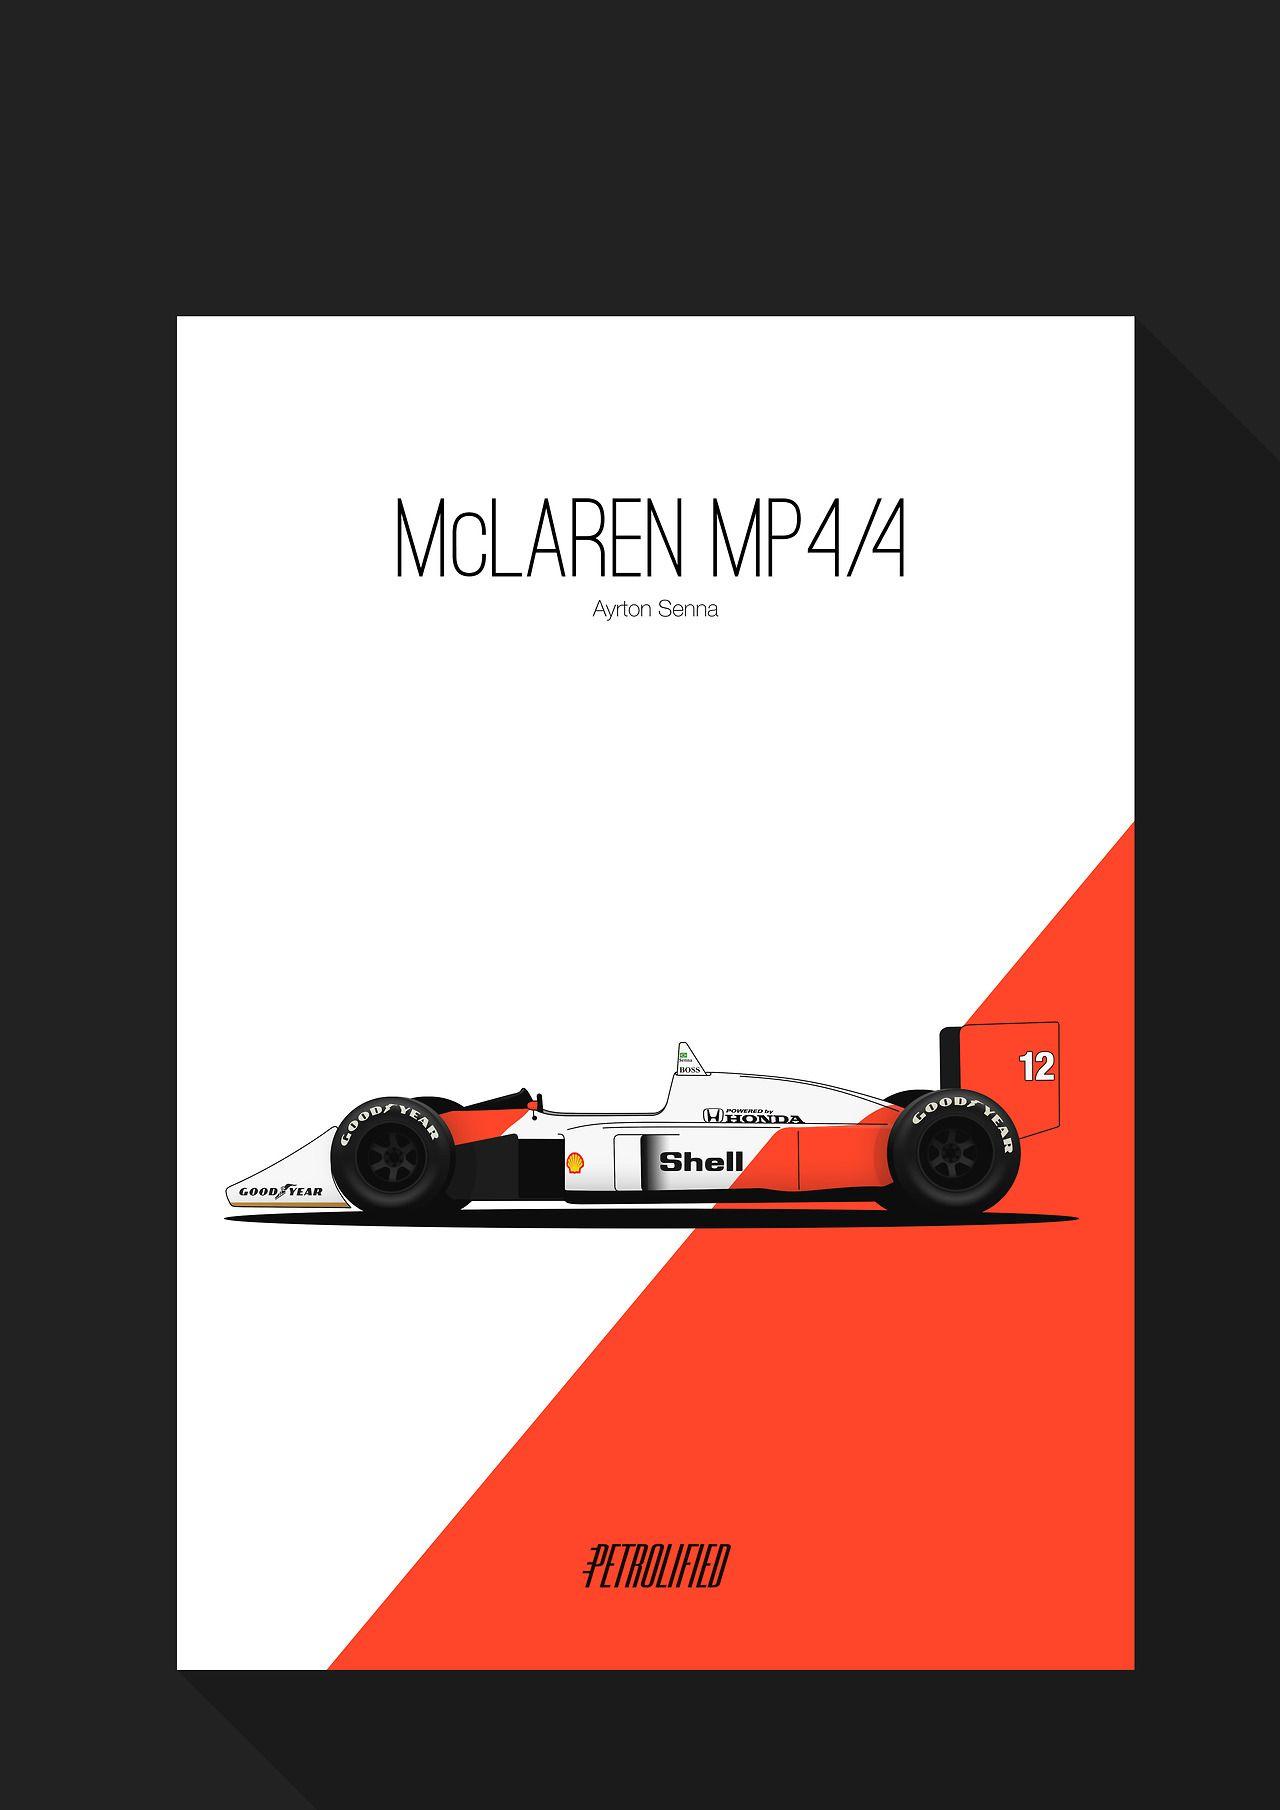 Ayrton S Mclaren Mp4 4 Soon Available Petrolified Desenhos De Carros Ayrton